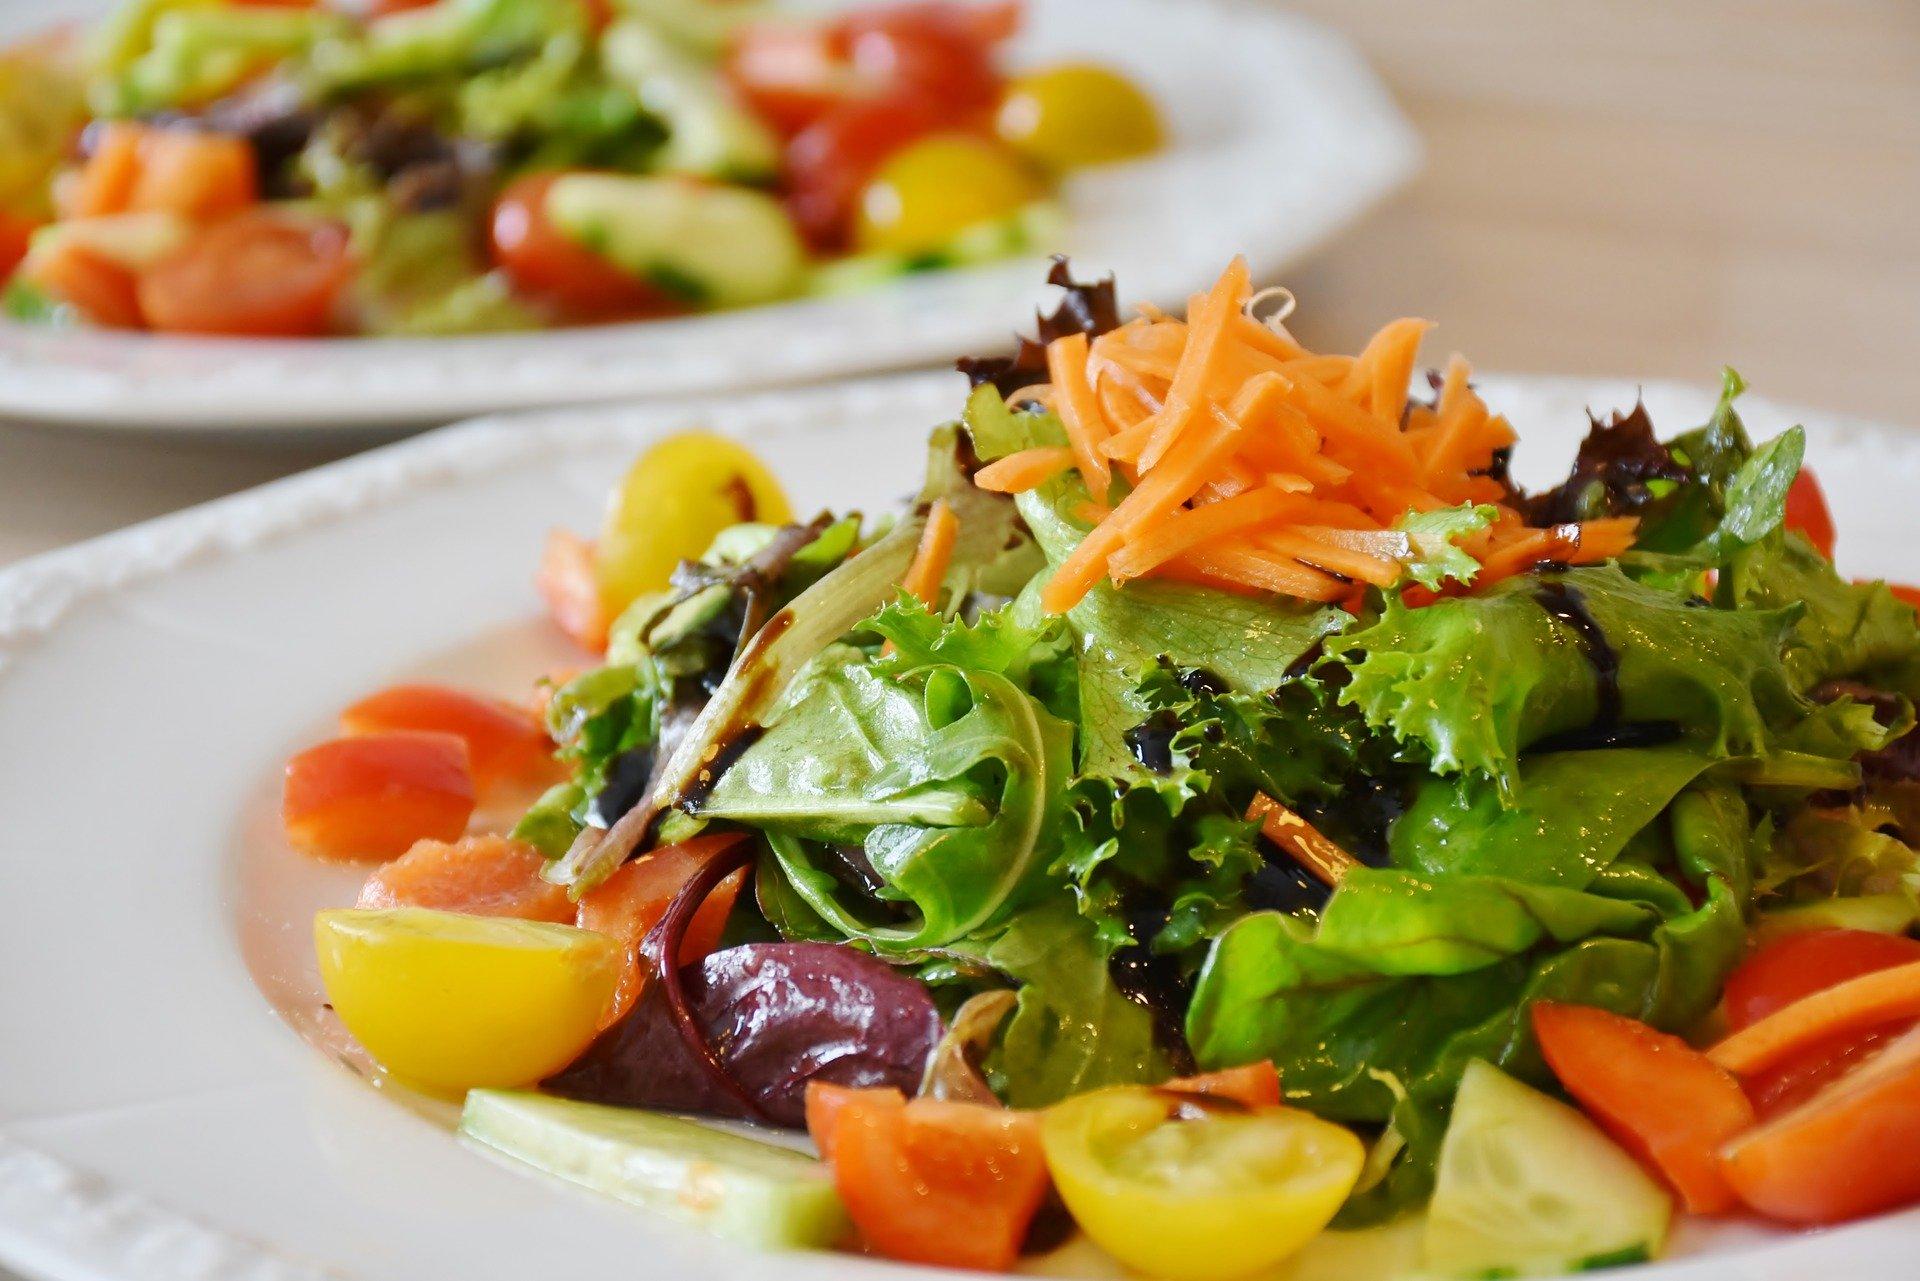 Salat zu Raclette servieren ist gerade an Weihnachten ein Muss